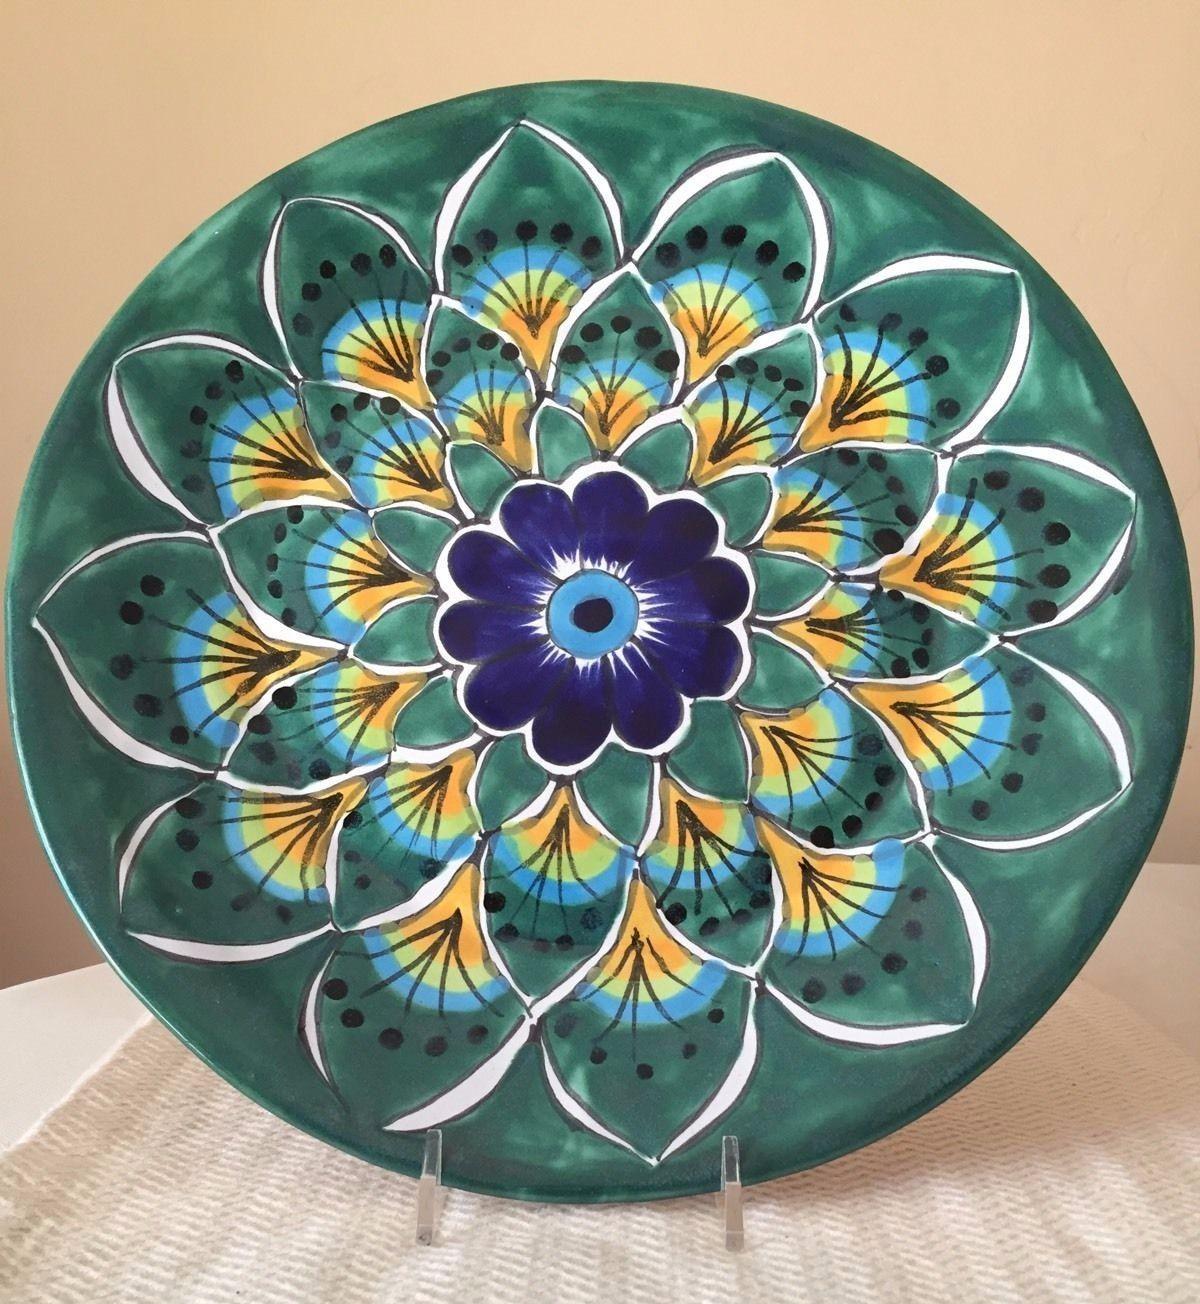 Mexican Collectibles   eBay. Talavera PotteryPlate Wall DecorPottery ... & Mexican Talavera Pottery Plate Wall Decor Green Blue Peacock Feather ...